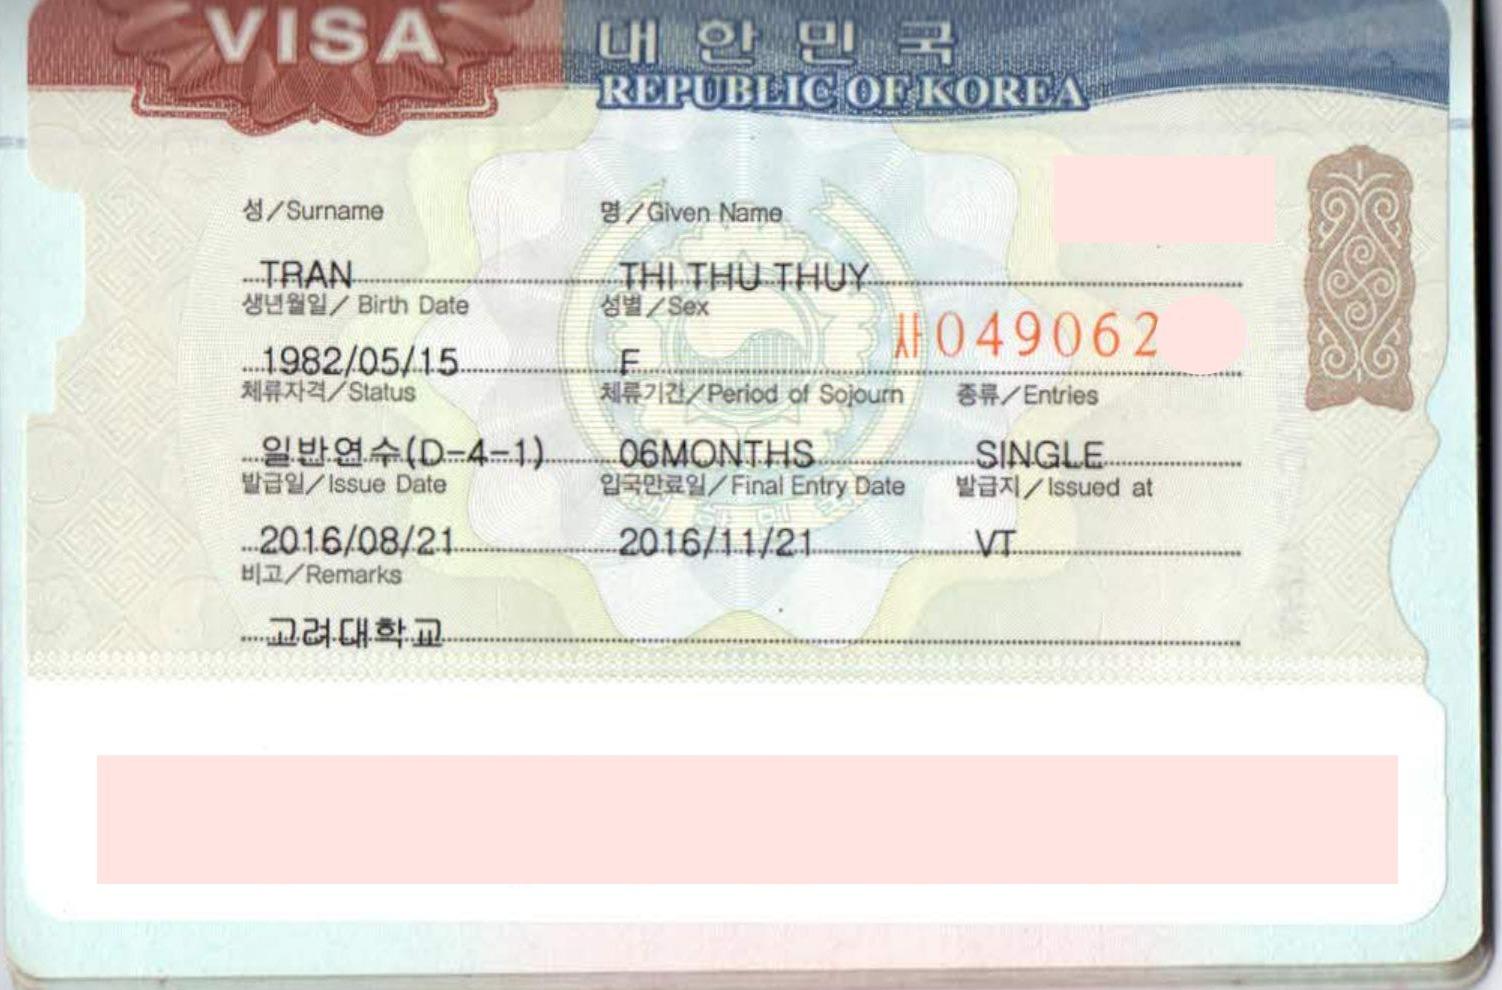 Miễn phí luyện phỏng vấn visa Hàn Quốc